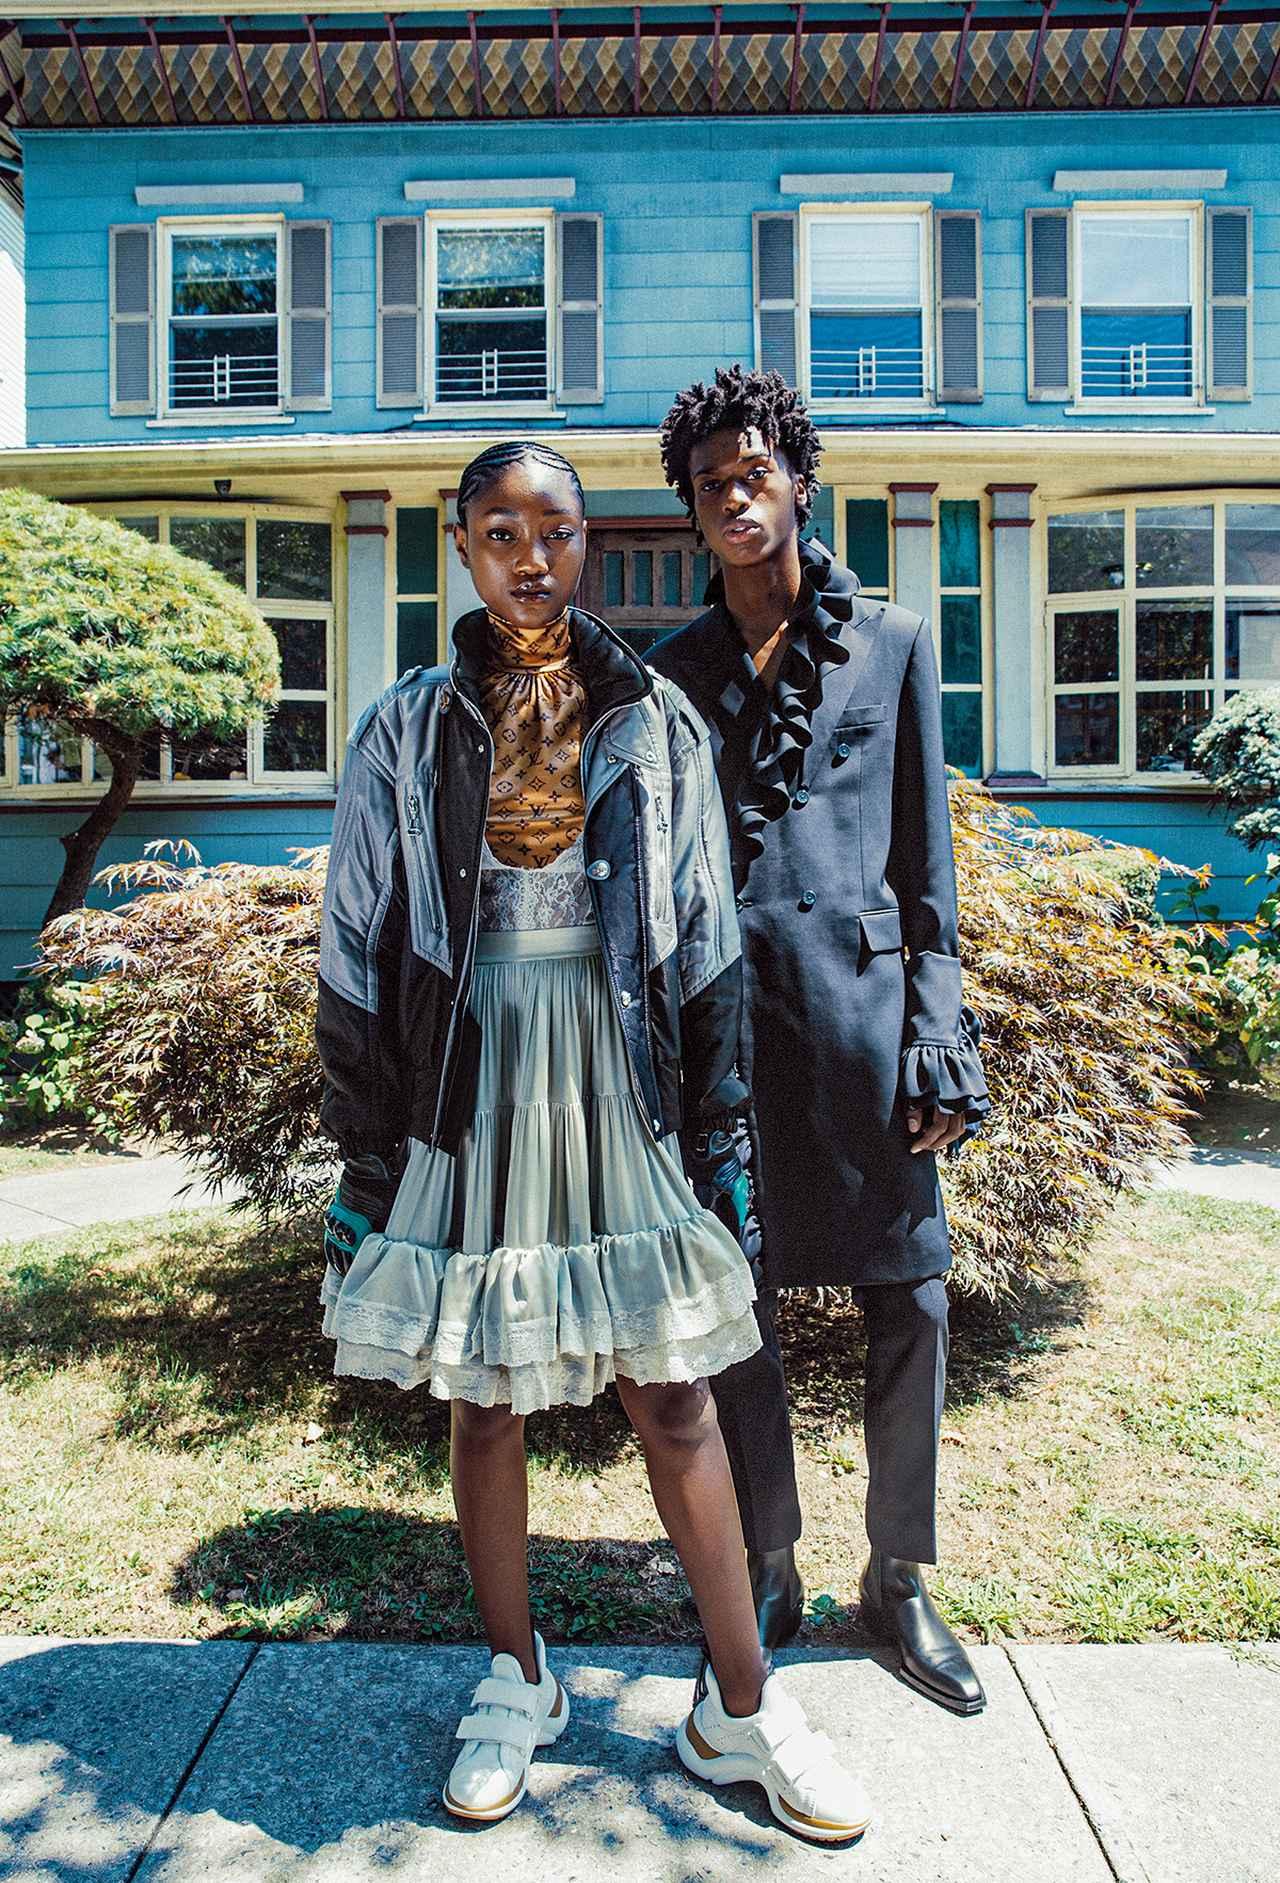 Images : 6番目の画像 - 「黒、グレー、ネイビーブルー 冬の散歩道は モノクロームの装いで」のアルバム - T JAPAN:The New York Times Style Magazine 公式サイト